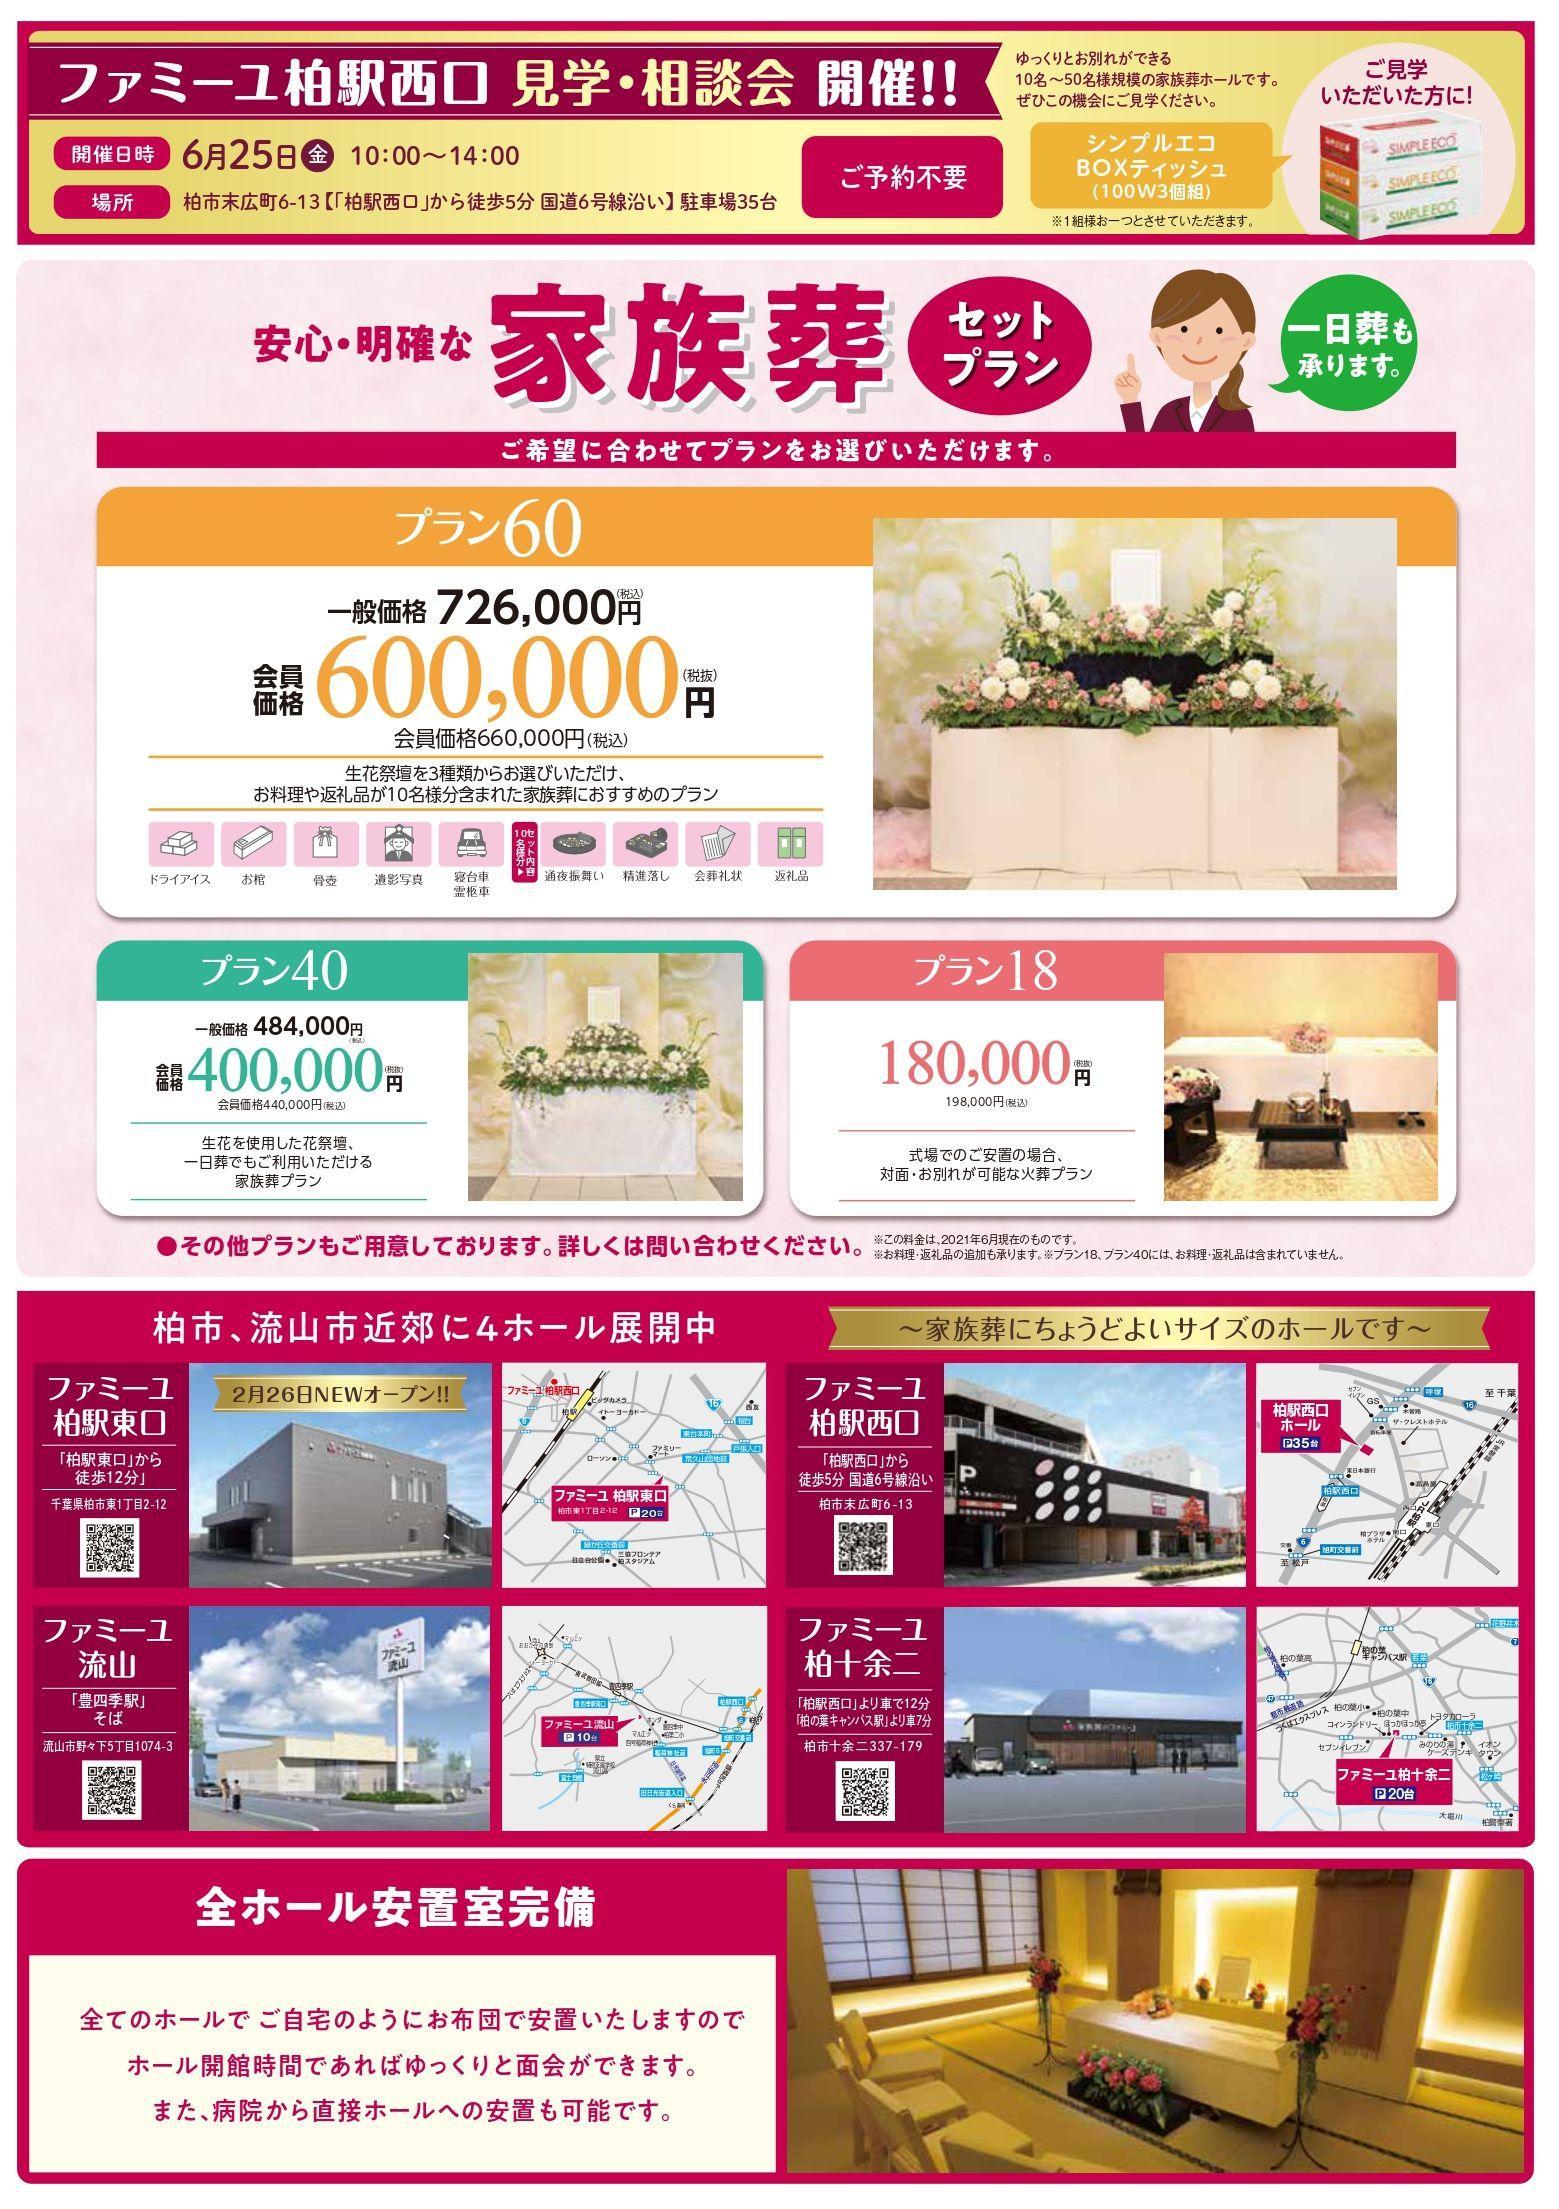 kashiwa_2106B.jpg